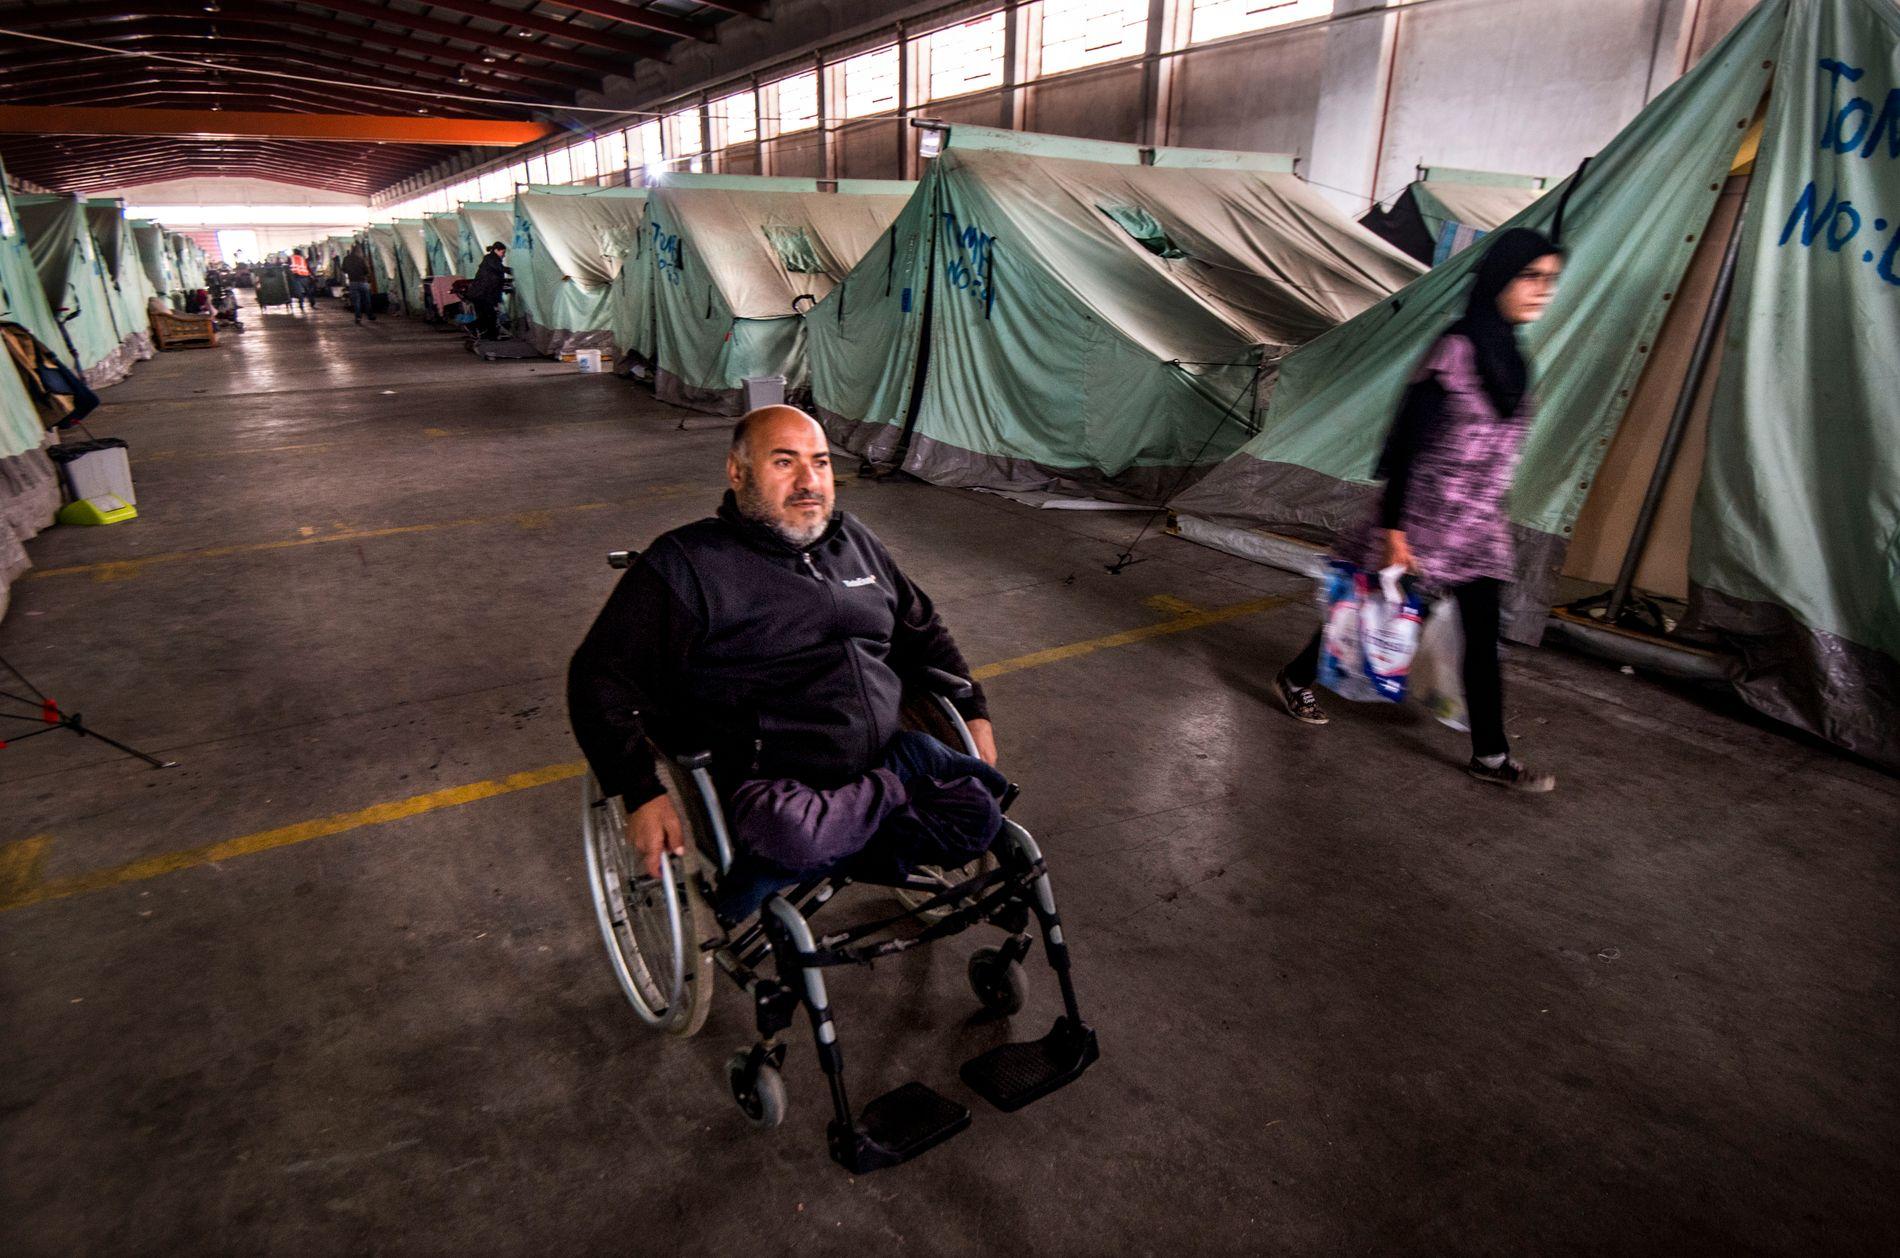 FLYKTET I RULLESTOL: Kurdiske Khaled er fra Qamishli i Syria, og håper han kan relokaliseres til et annet land for å få asylsøknaden sin vurdert der.